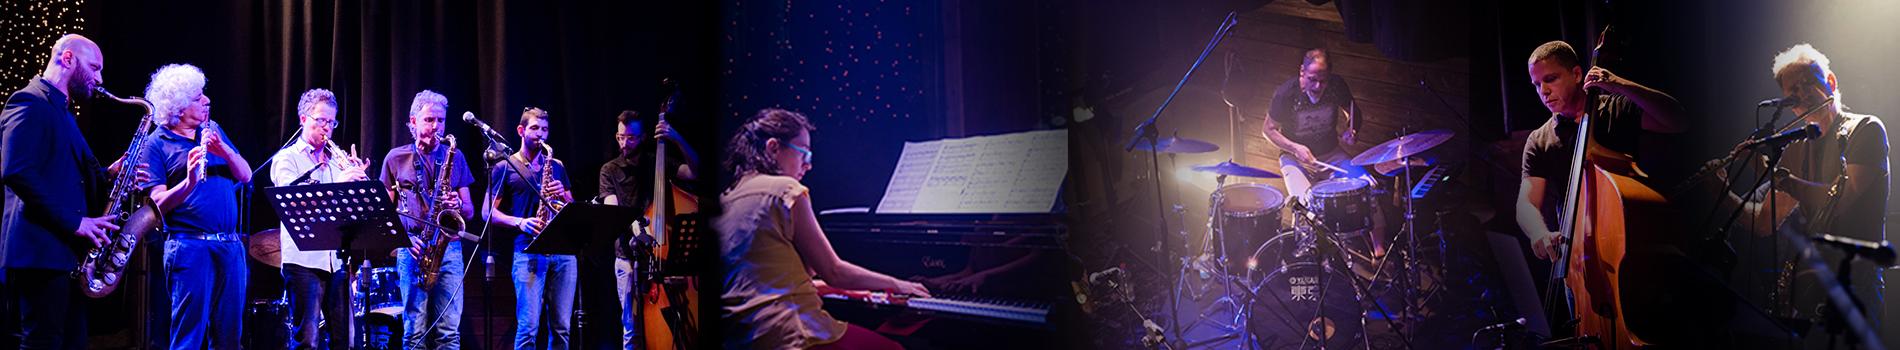 המסלול להתמחות במוסיקה מאולתרת בת-זמננו